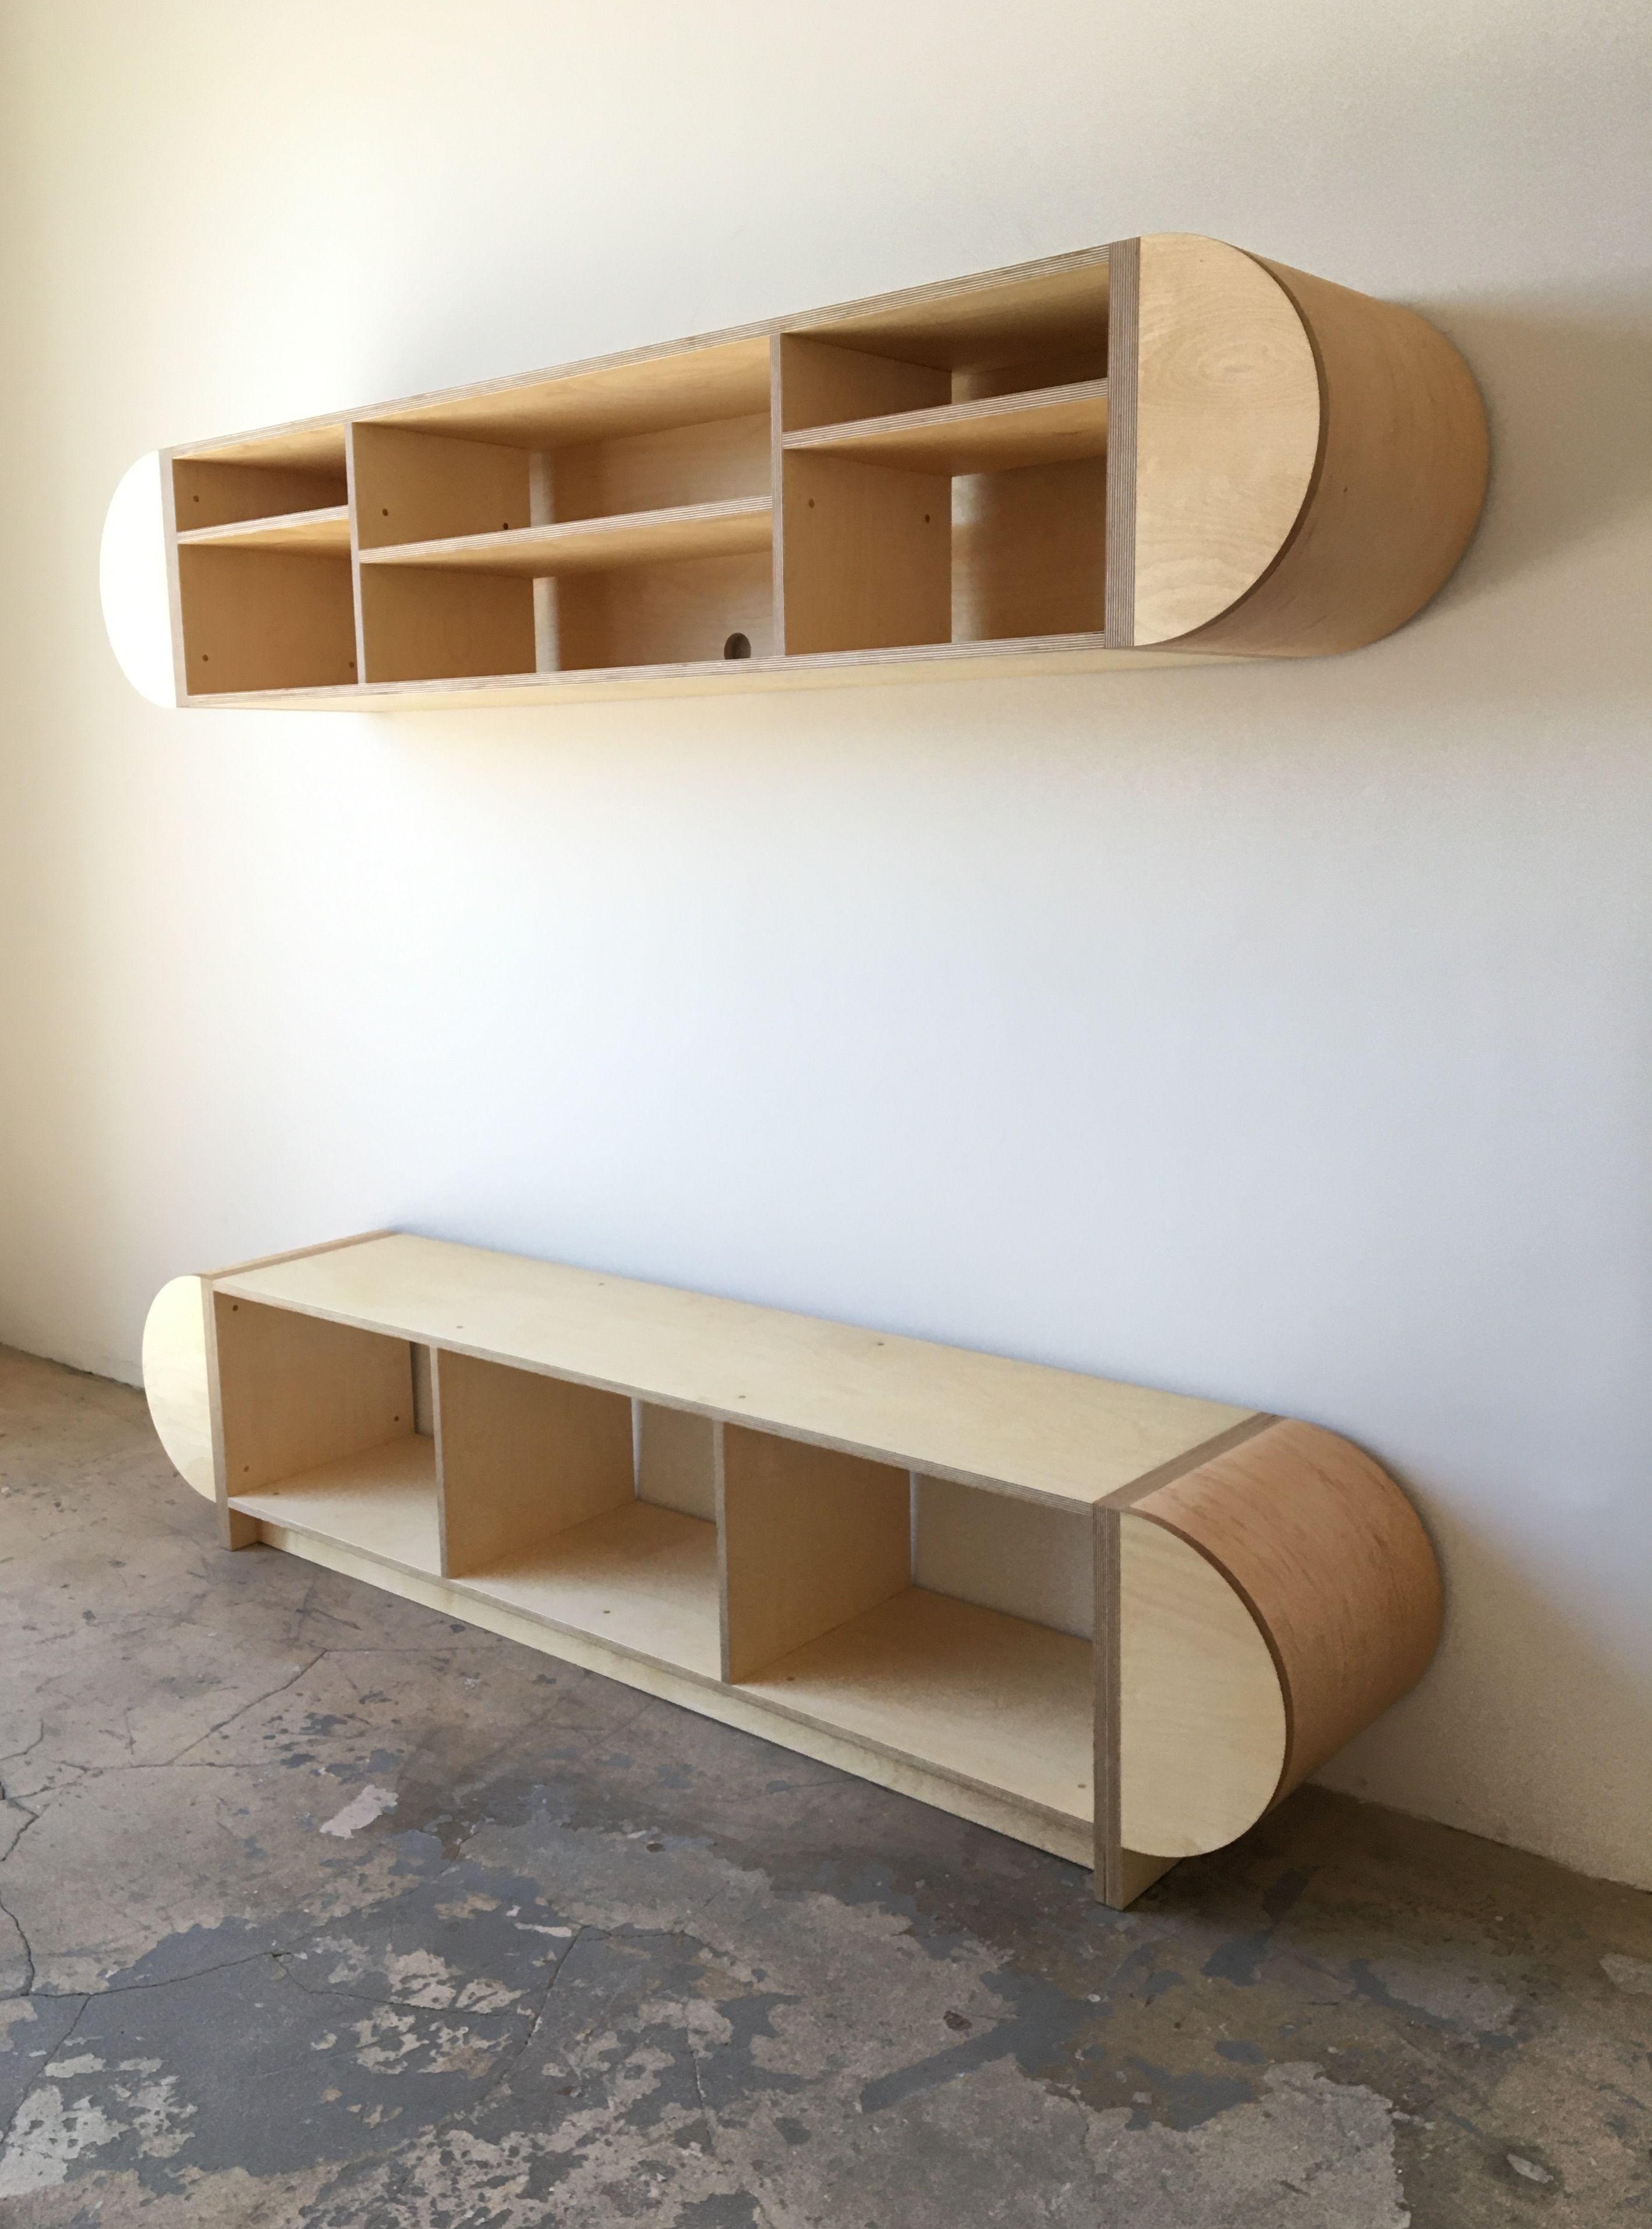 Half Round Storage Unit - Mouthwash Studio product image 4